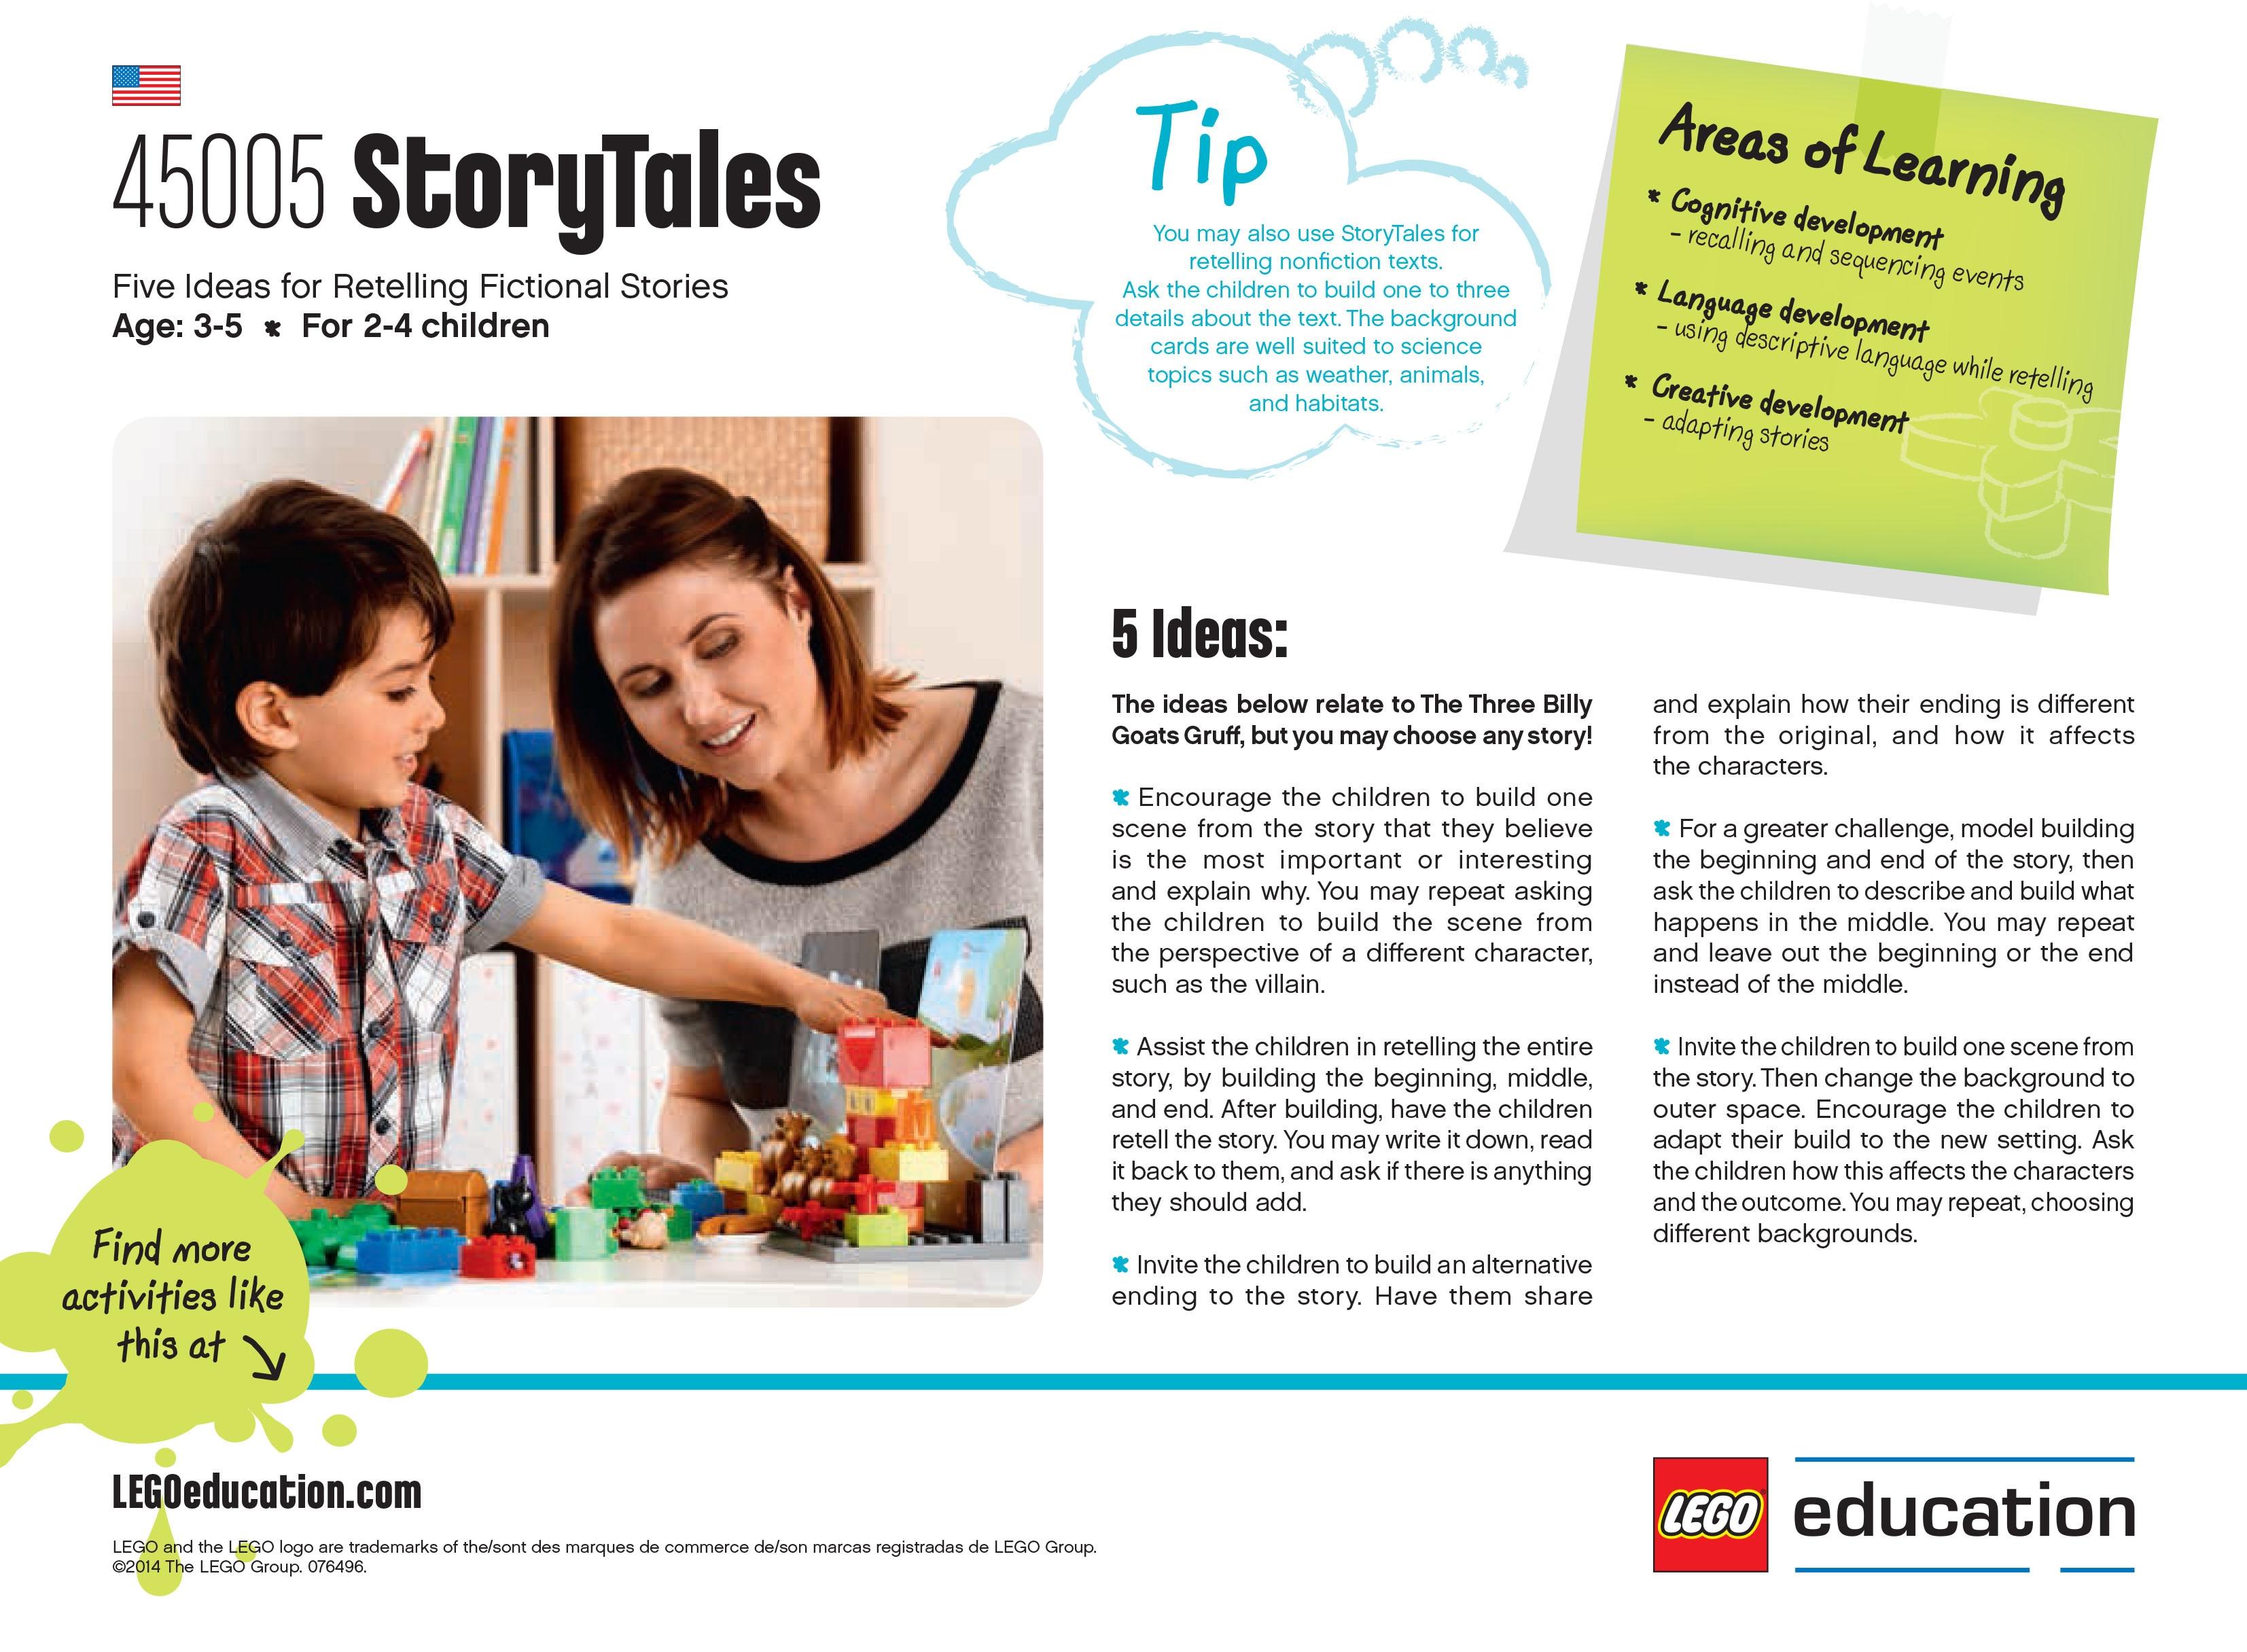 StoryTales activity ideas